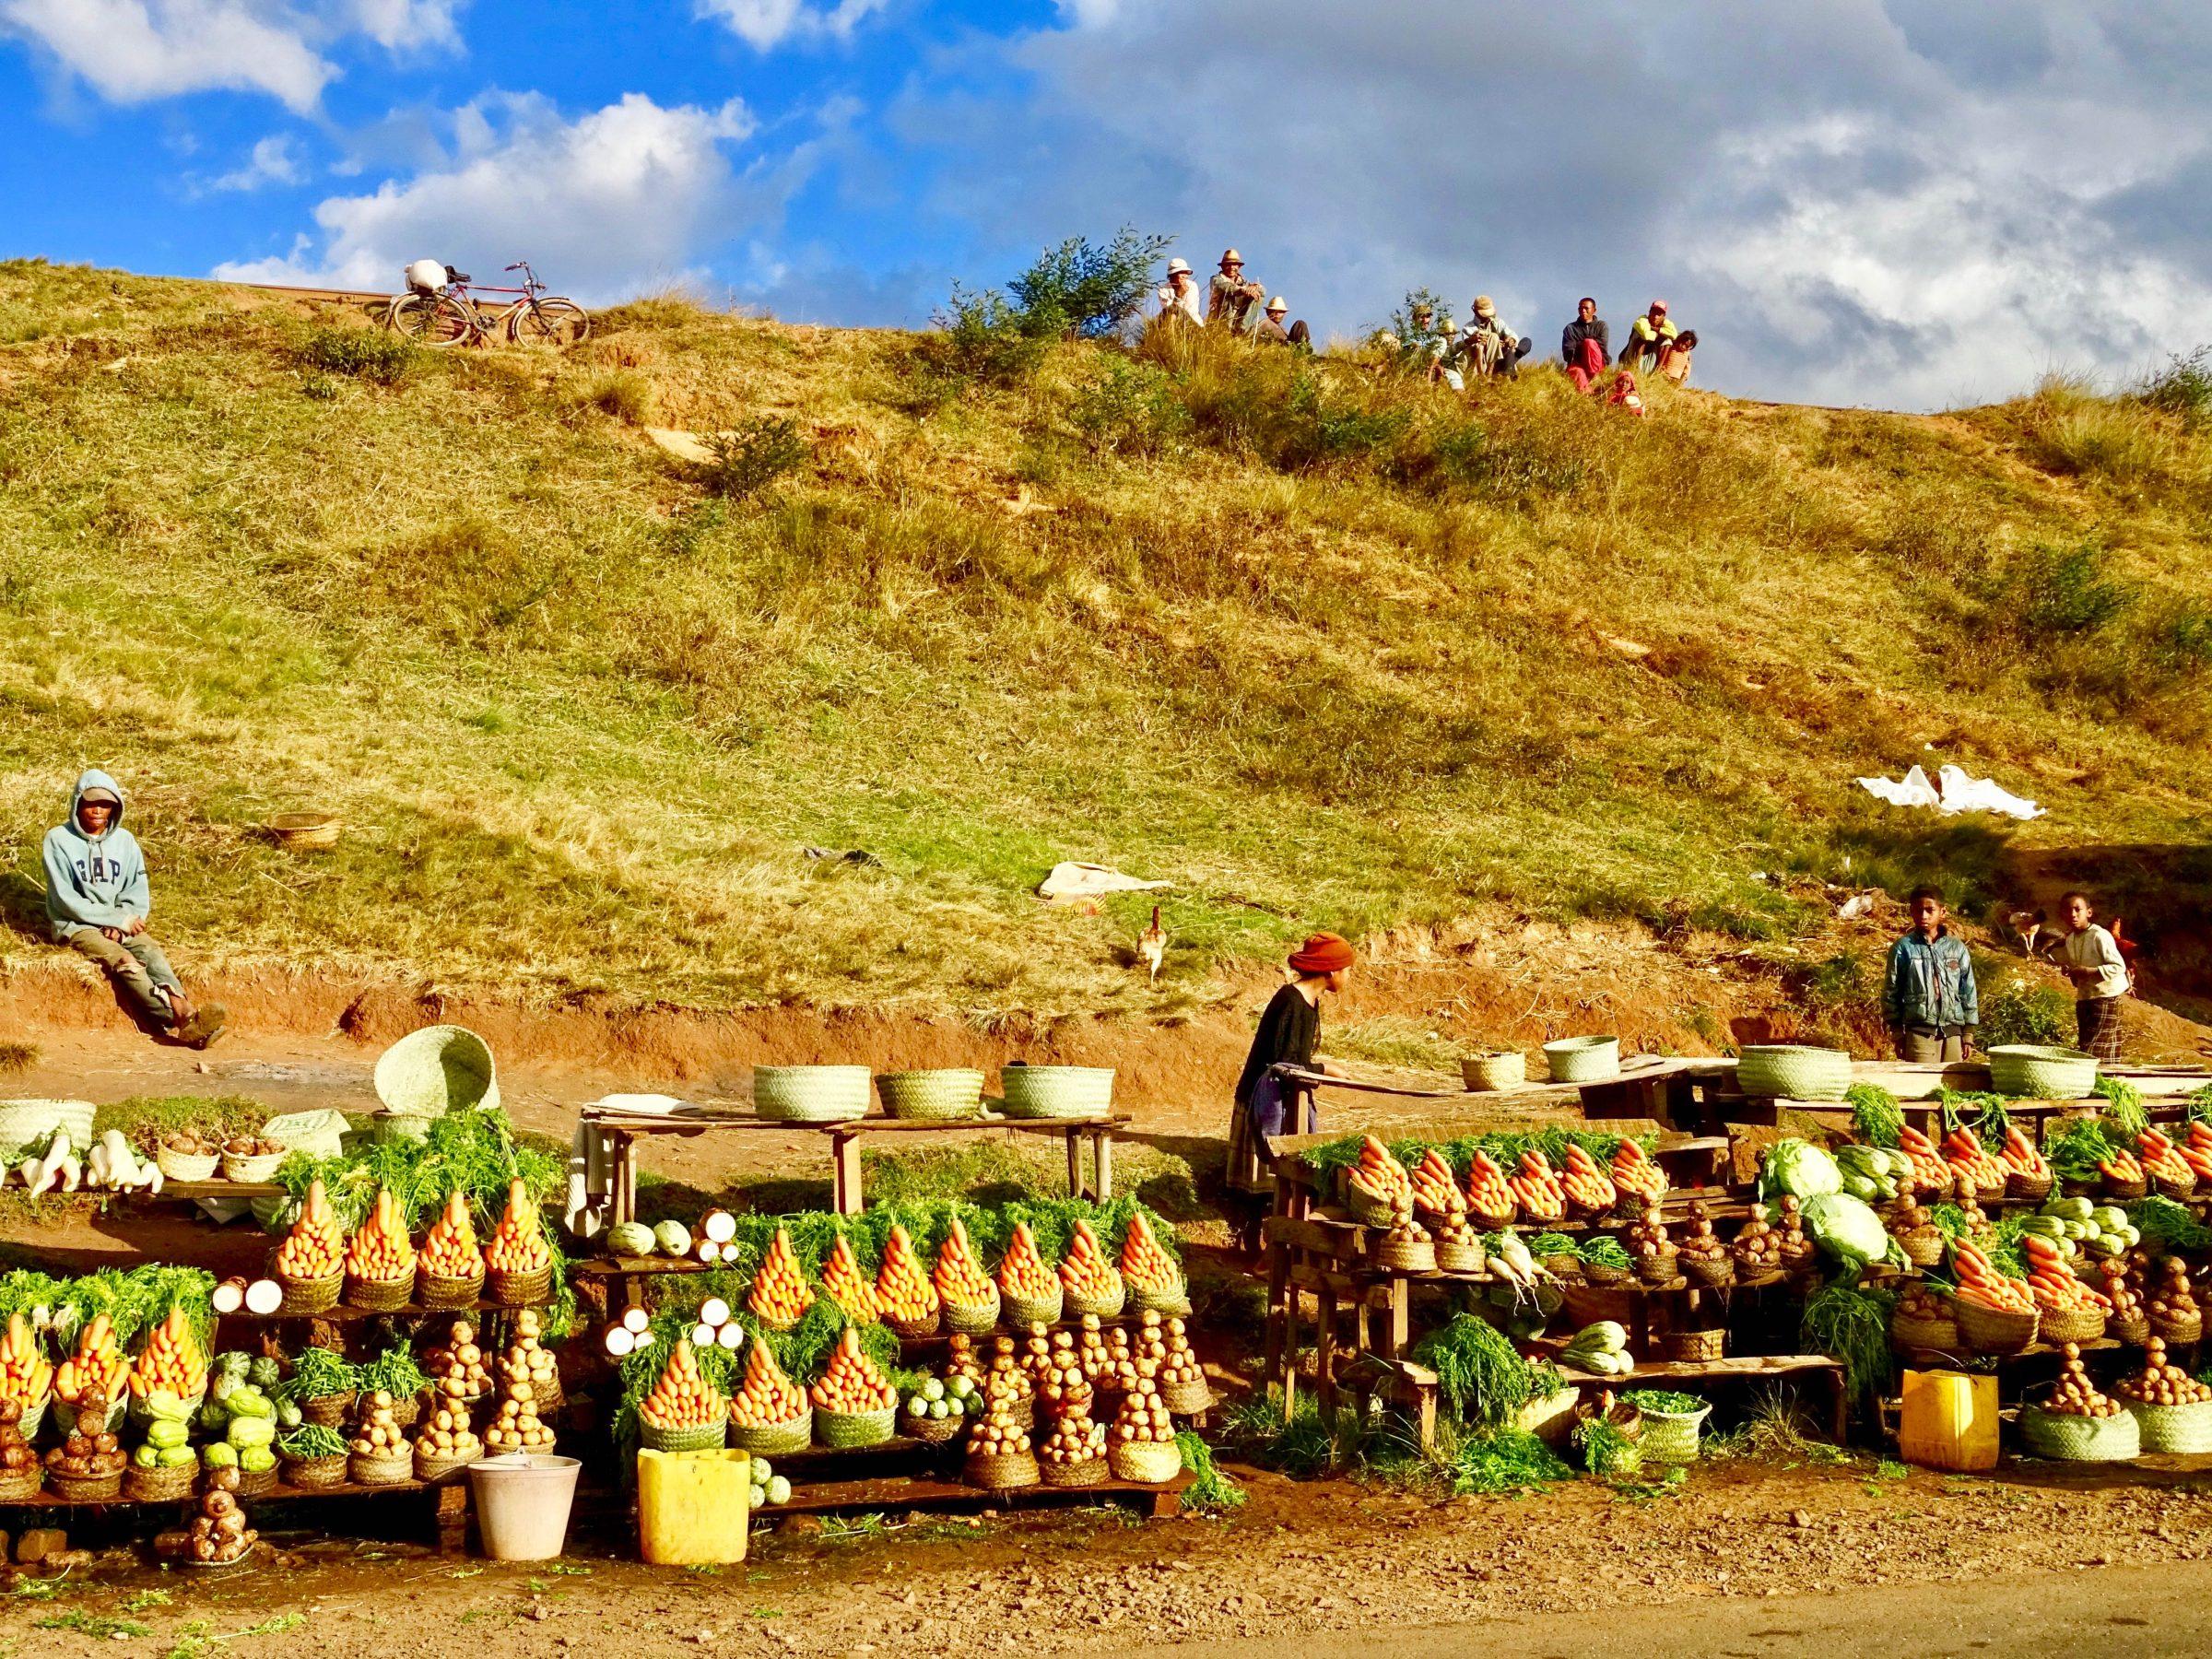 Toeschouwers op de heuvel kijken naar de verkoopsters nabij Ambohimandroso